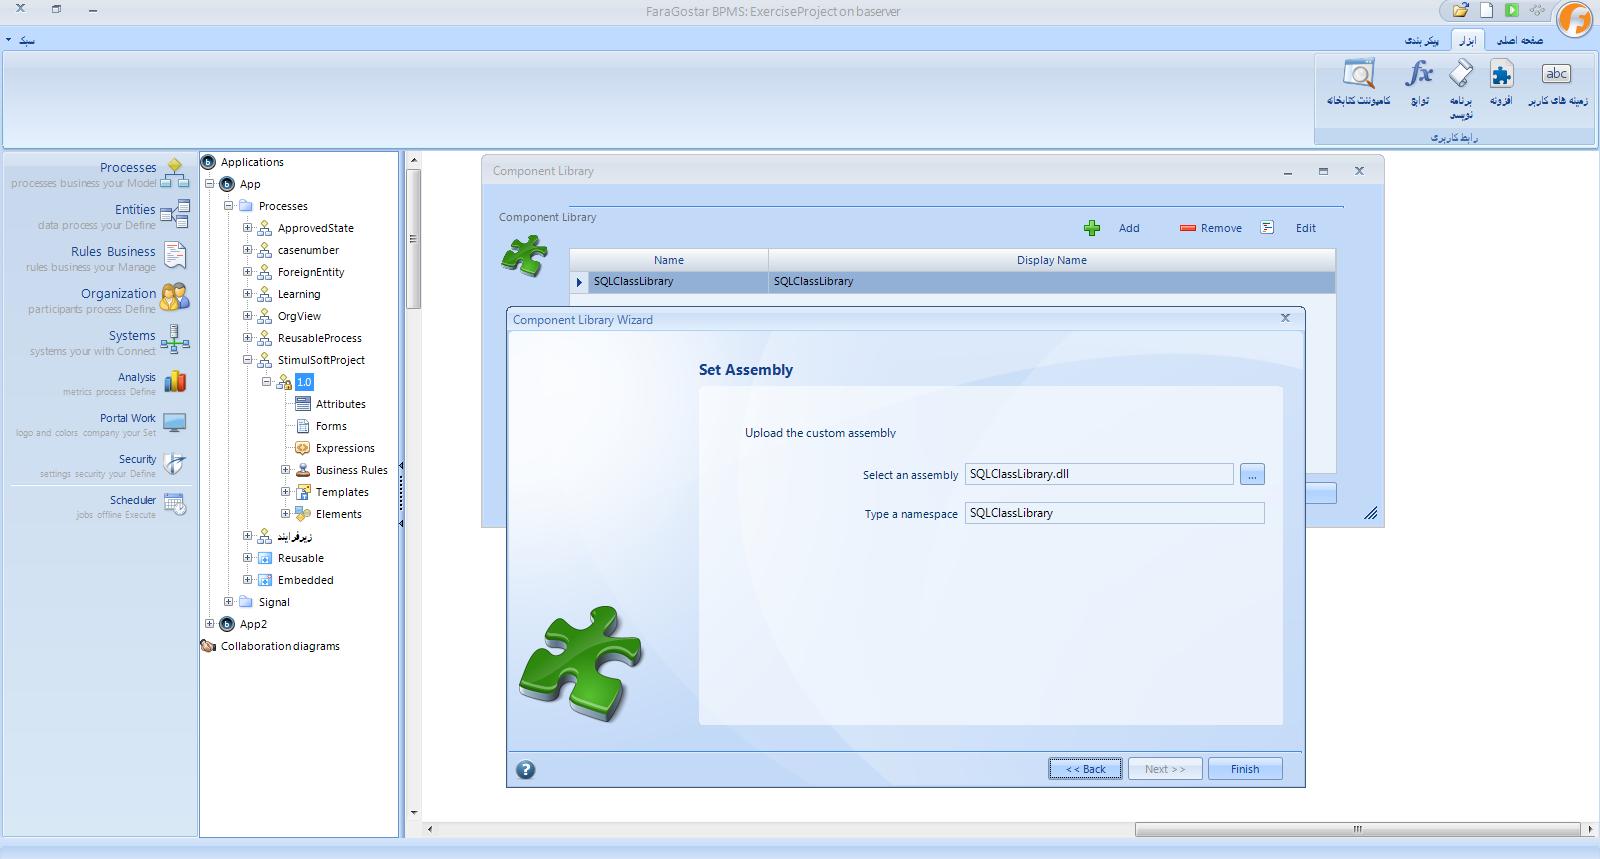 تصویر 2- استفاده از DLL جهت خواندن اطلاعات از SQL